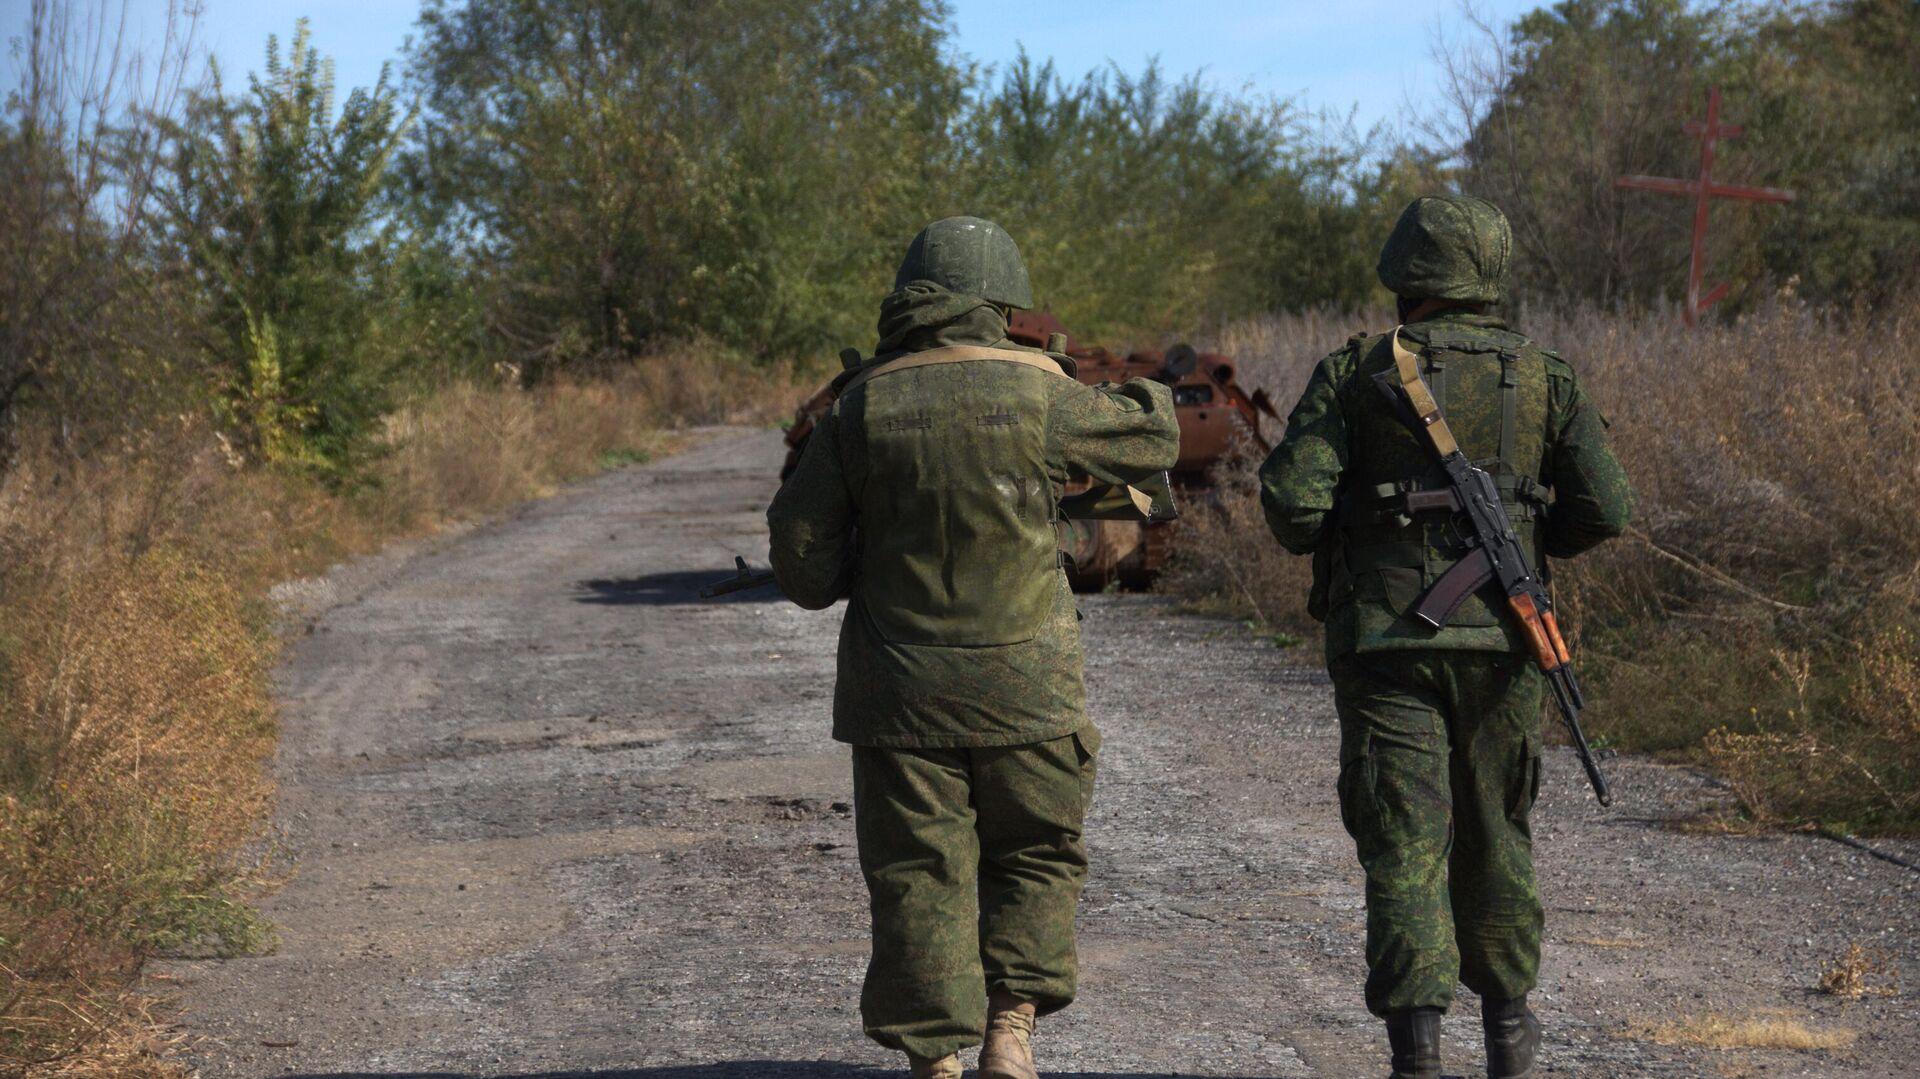 Военнослужащие ЛНР в поселке Сокольники на линии соприкосновения в Луганской области - РИА Новости, 1920, 03.10.2021